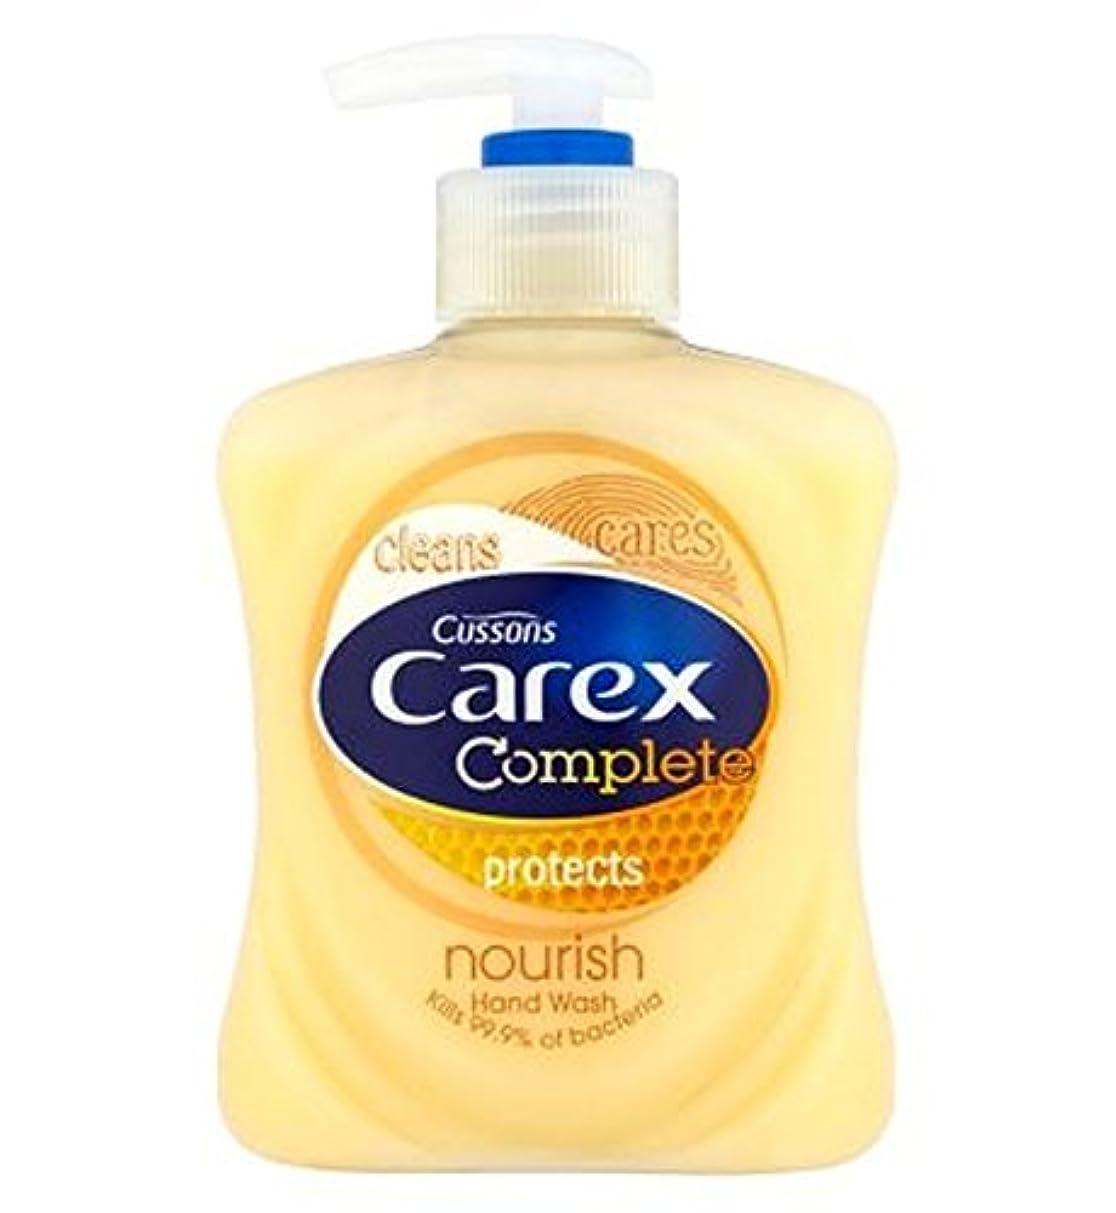 広々としたとても座るCarex Complete Nourishing Hand Wash 250ml - スゲ属完全な栄養ハンドウォッシュ250ミリリットル (Carex) [並行輸入品]